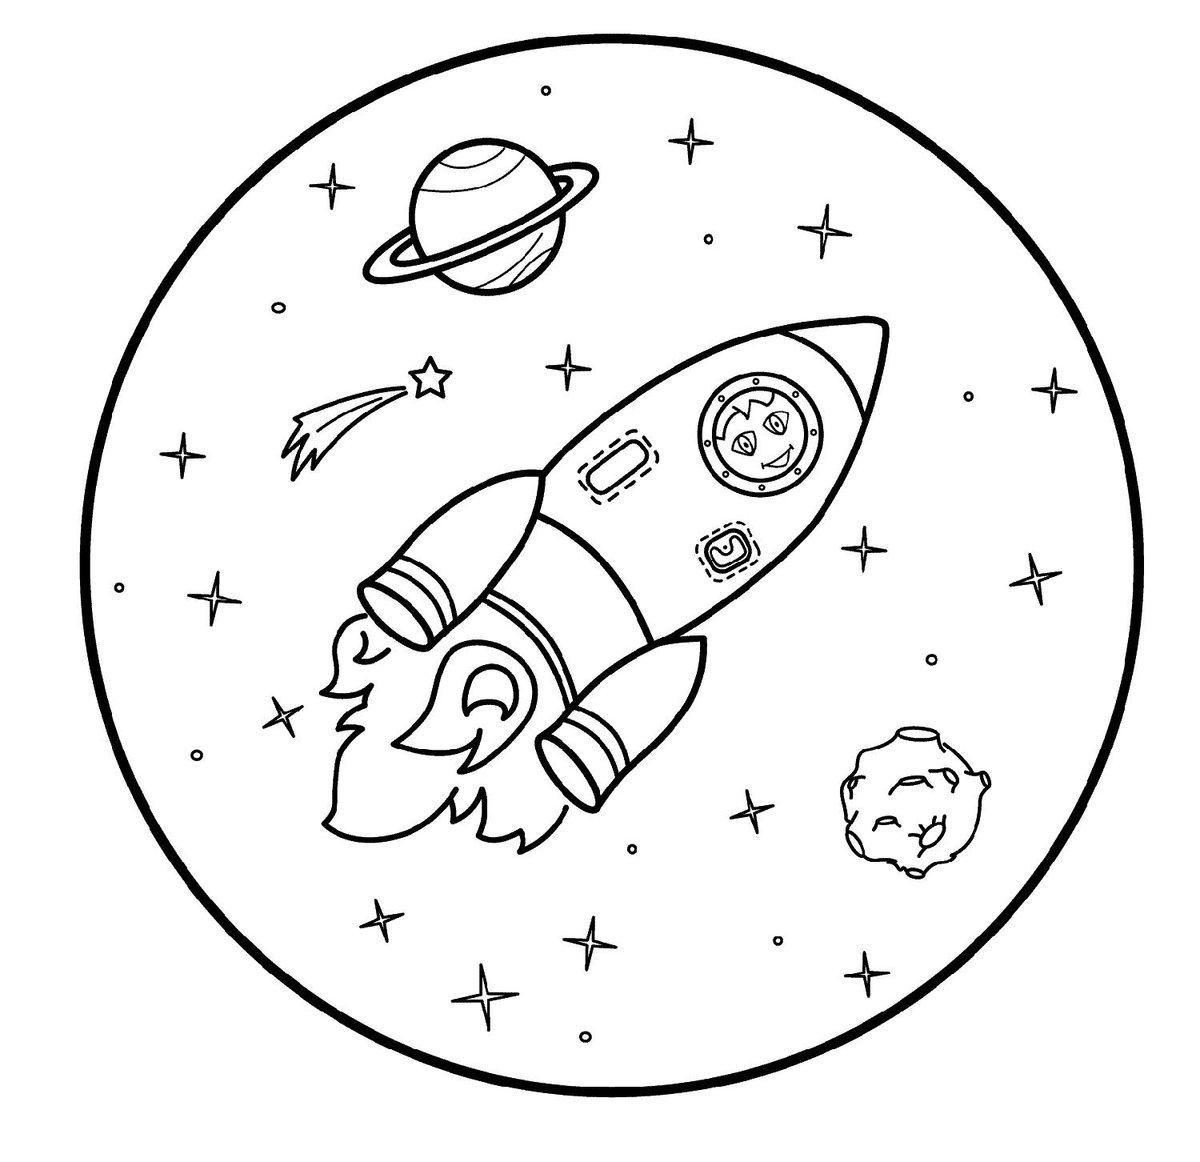 День космонавтики картинка для срисовки, лав фото